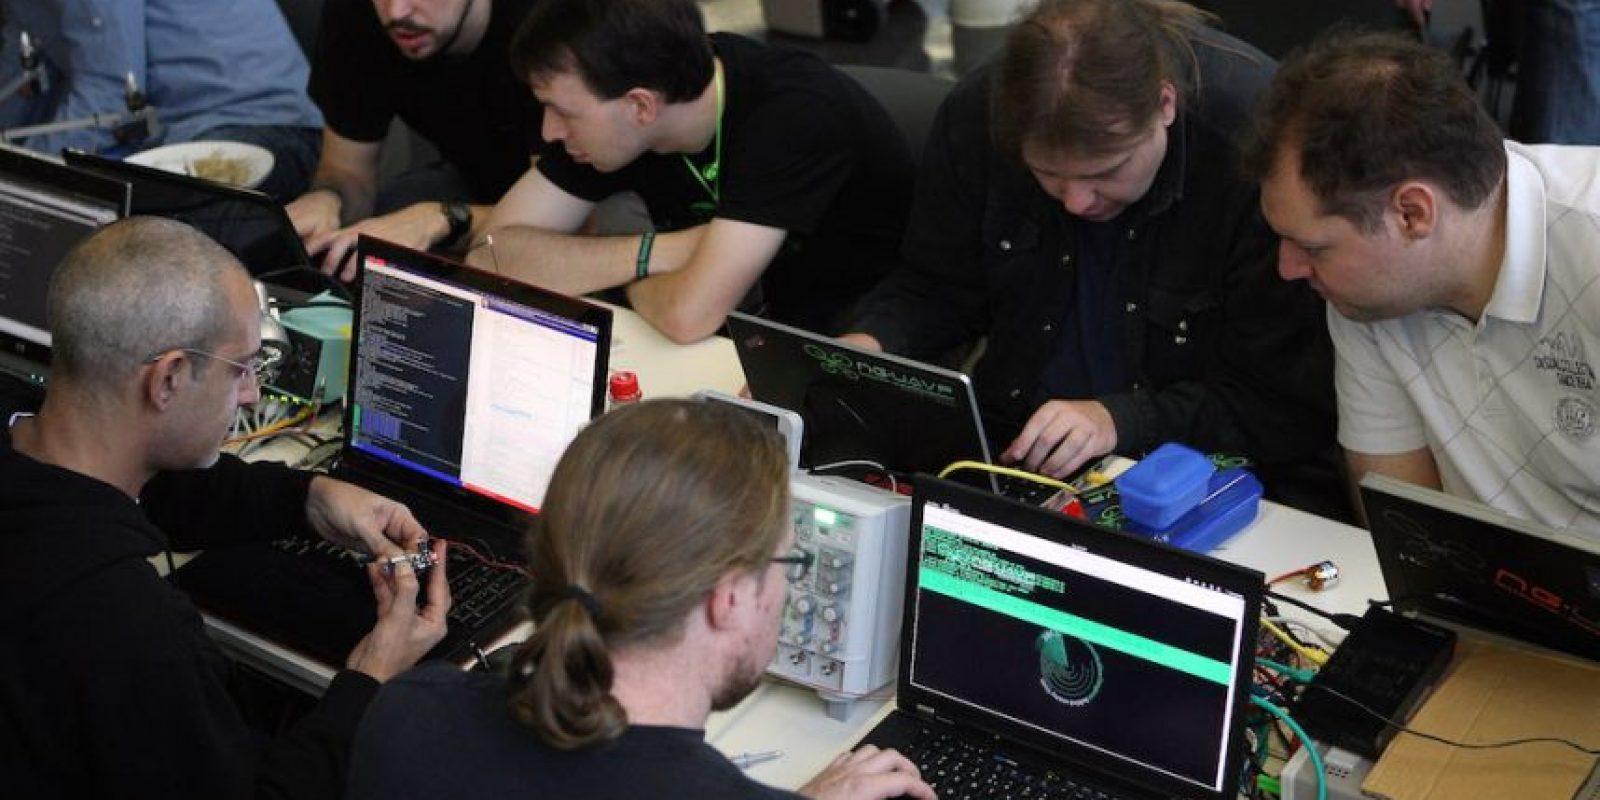 Los estafadores las enviaban a sus servidores en Panamá. Foto:Getty Images